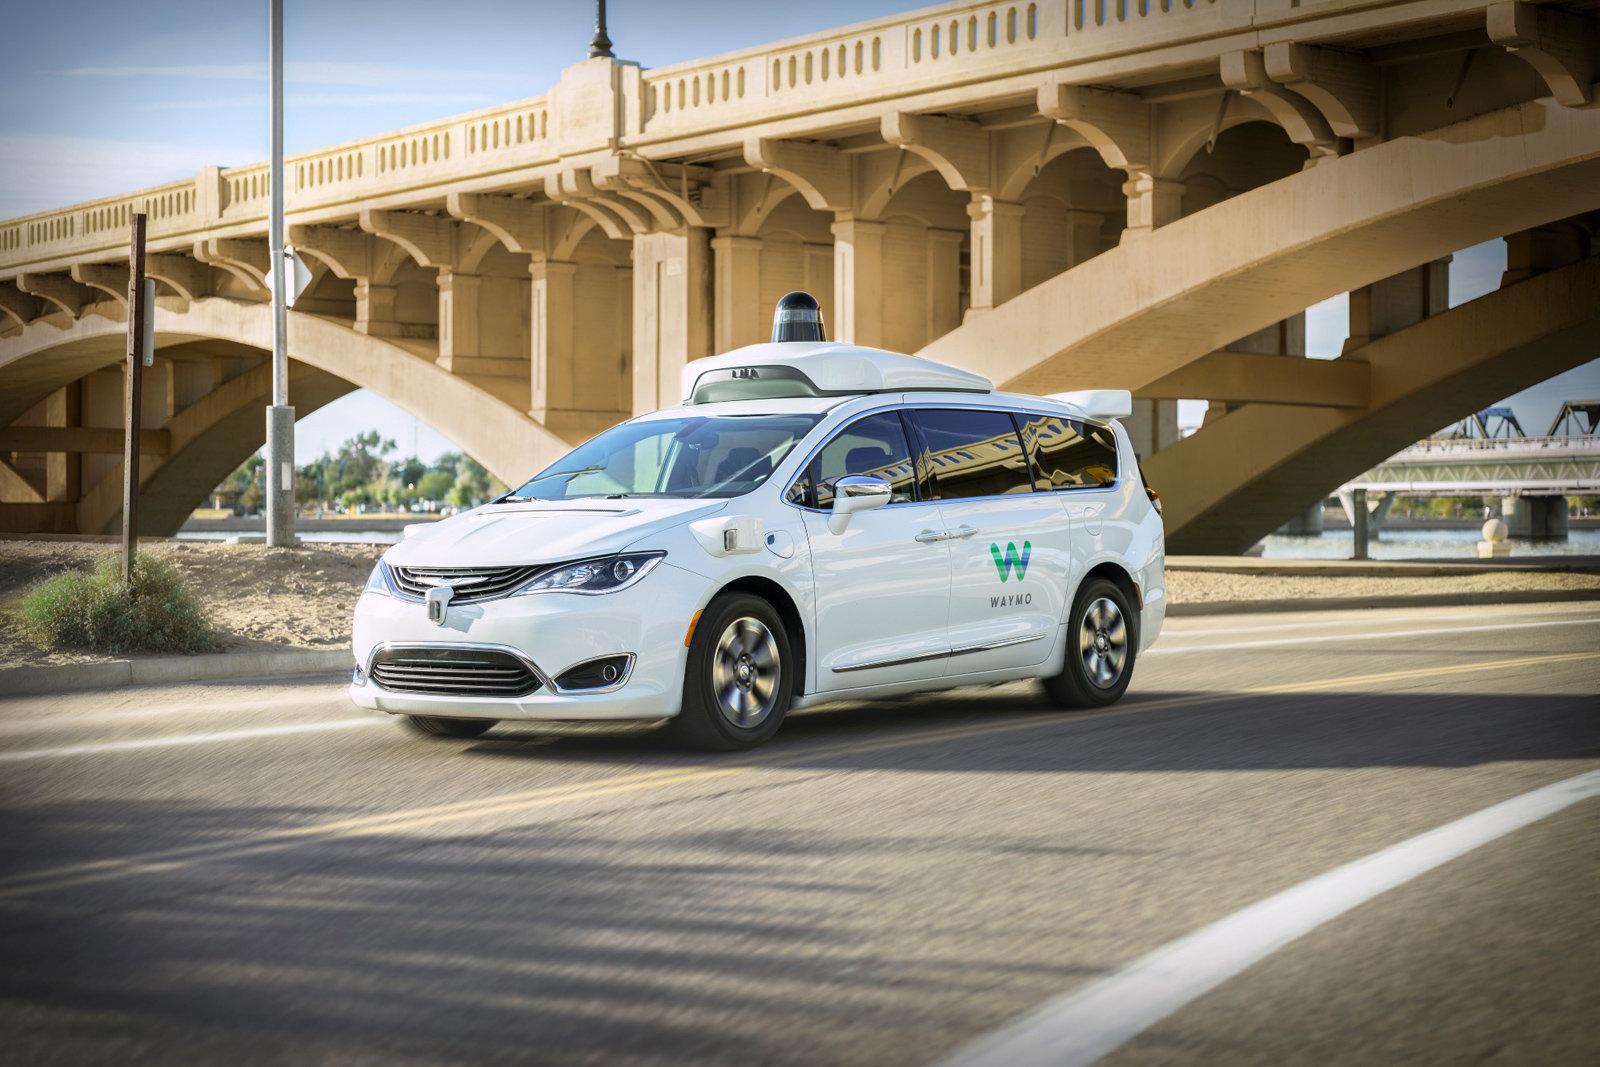 Роботизированный такси-сервис от Waymo автономен лишь частично - 1